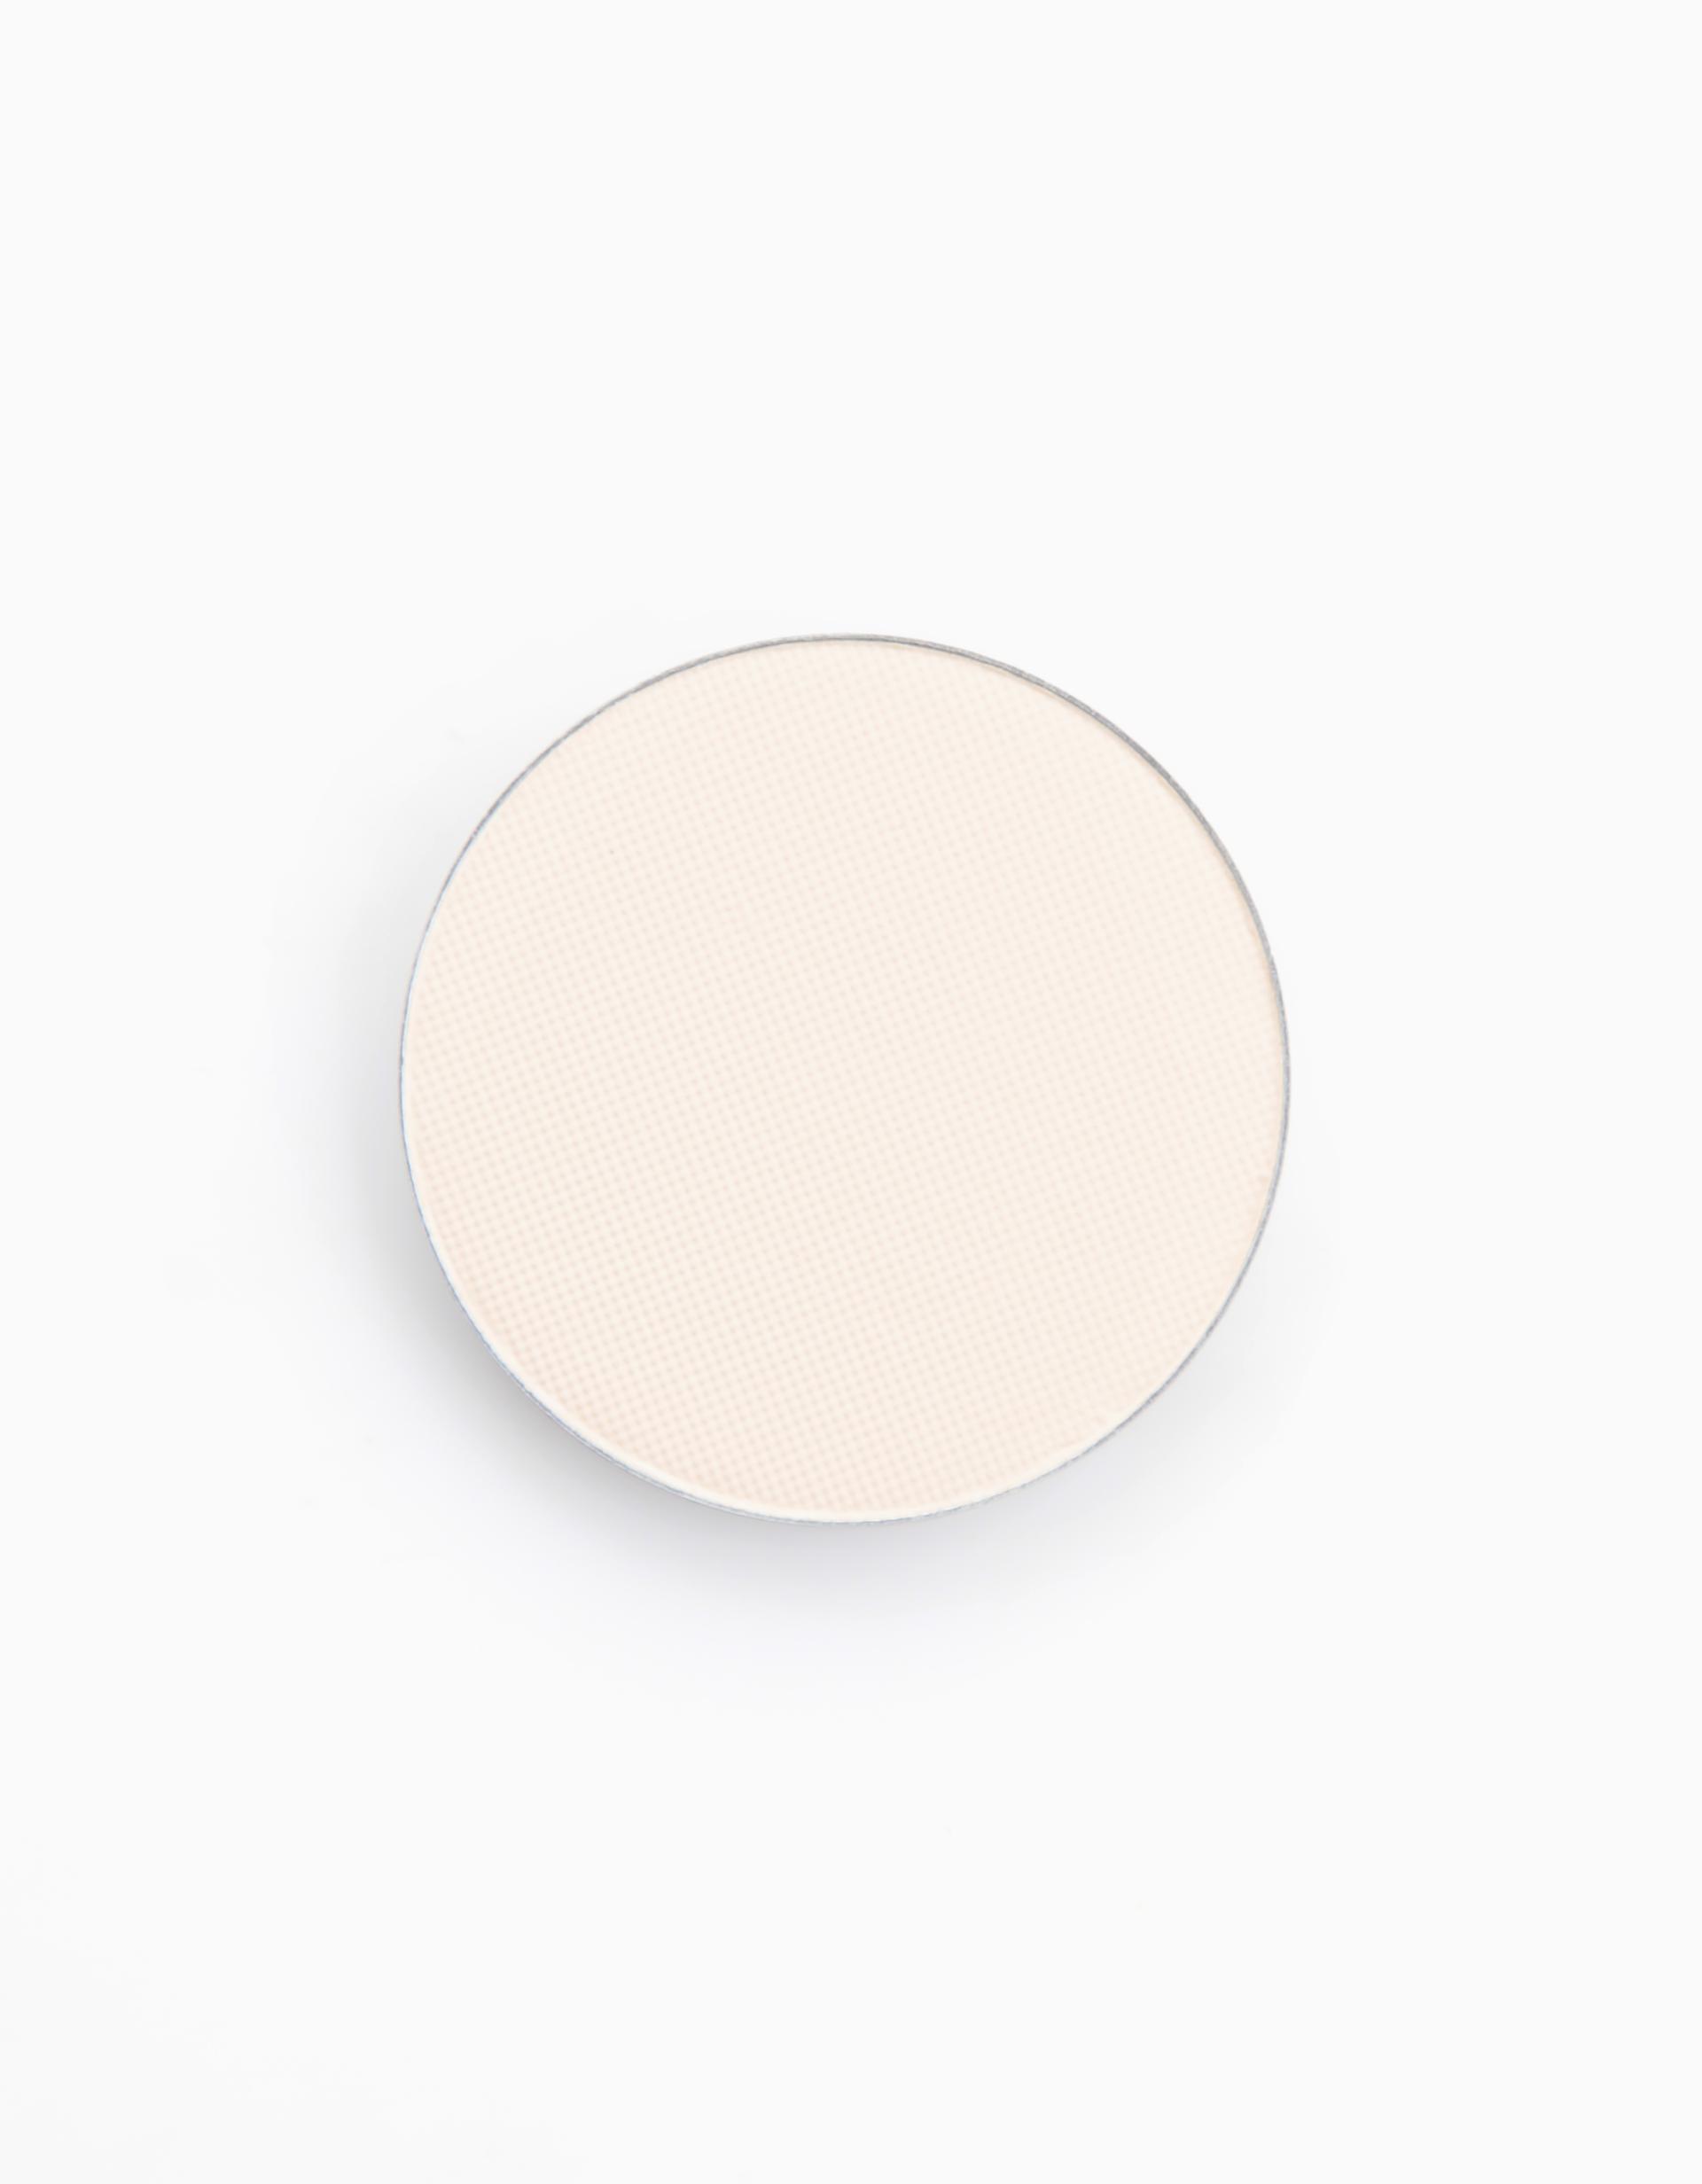 Suesh Choose Your Own Palette Eyeshadow Pots:  Smoky Eye Base by Suesh | E24 - Base Matte